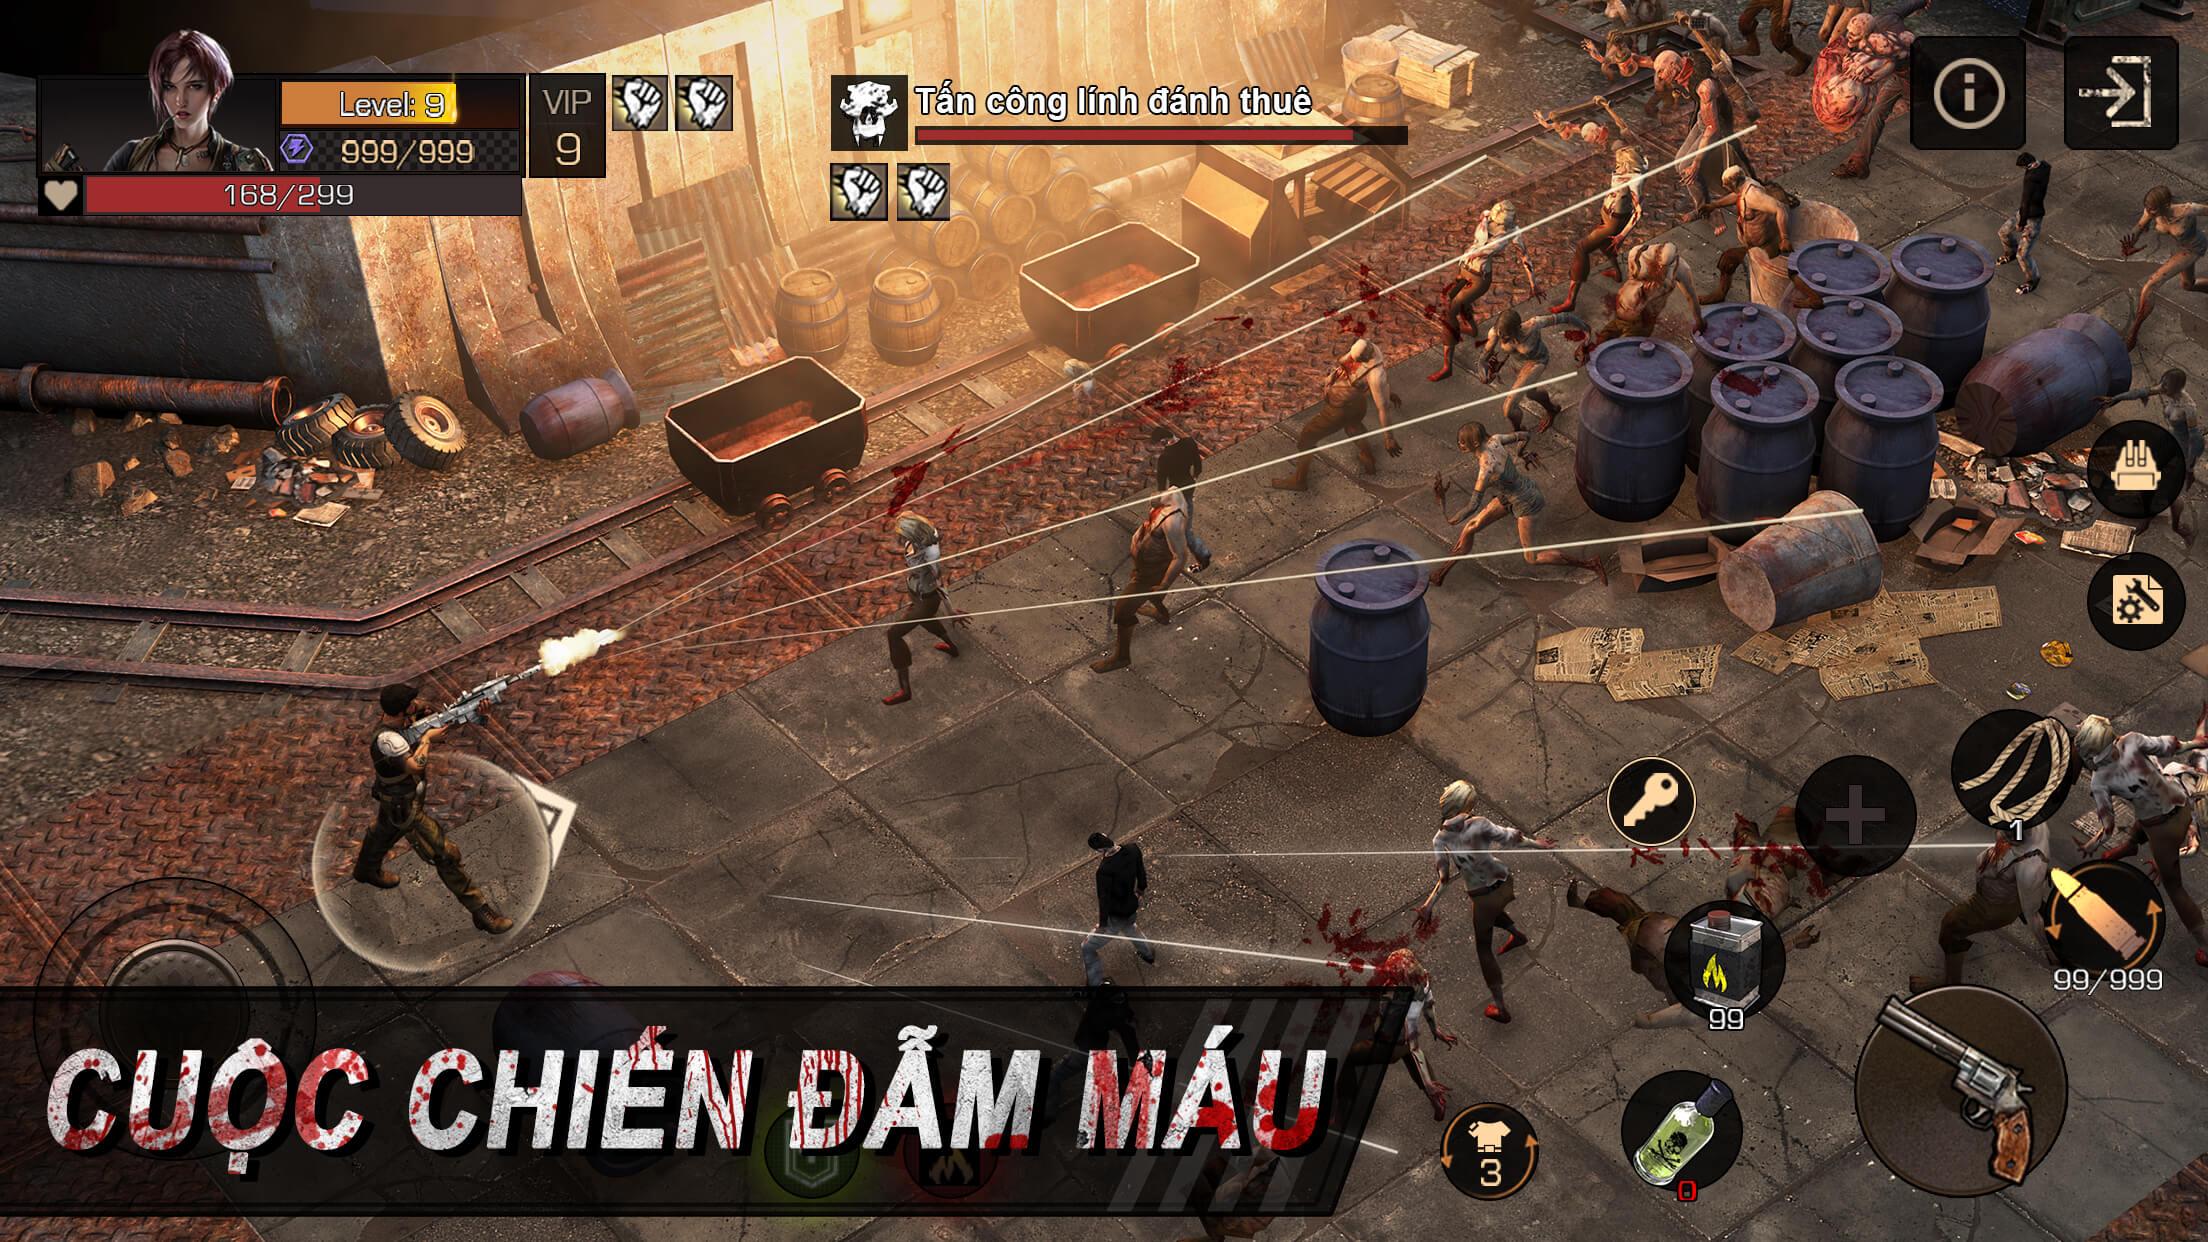 Modern Dead Mobile mang đến cảm giác nhập vai kết thúc mở vô cùng sáng tạo 4